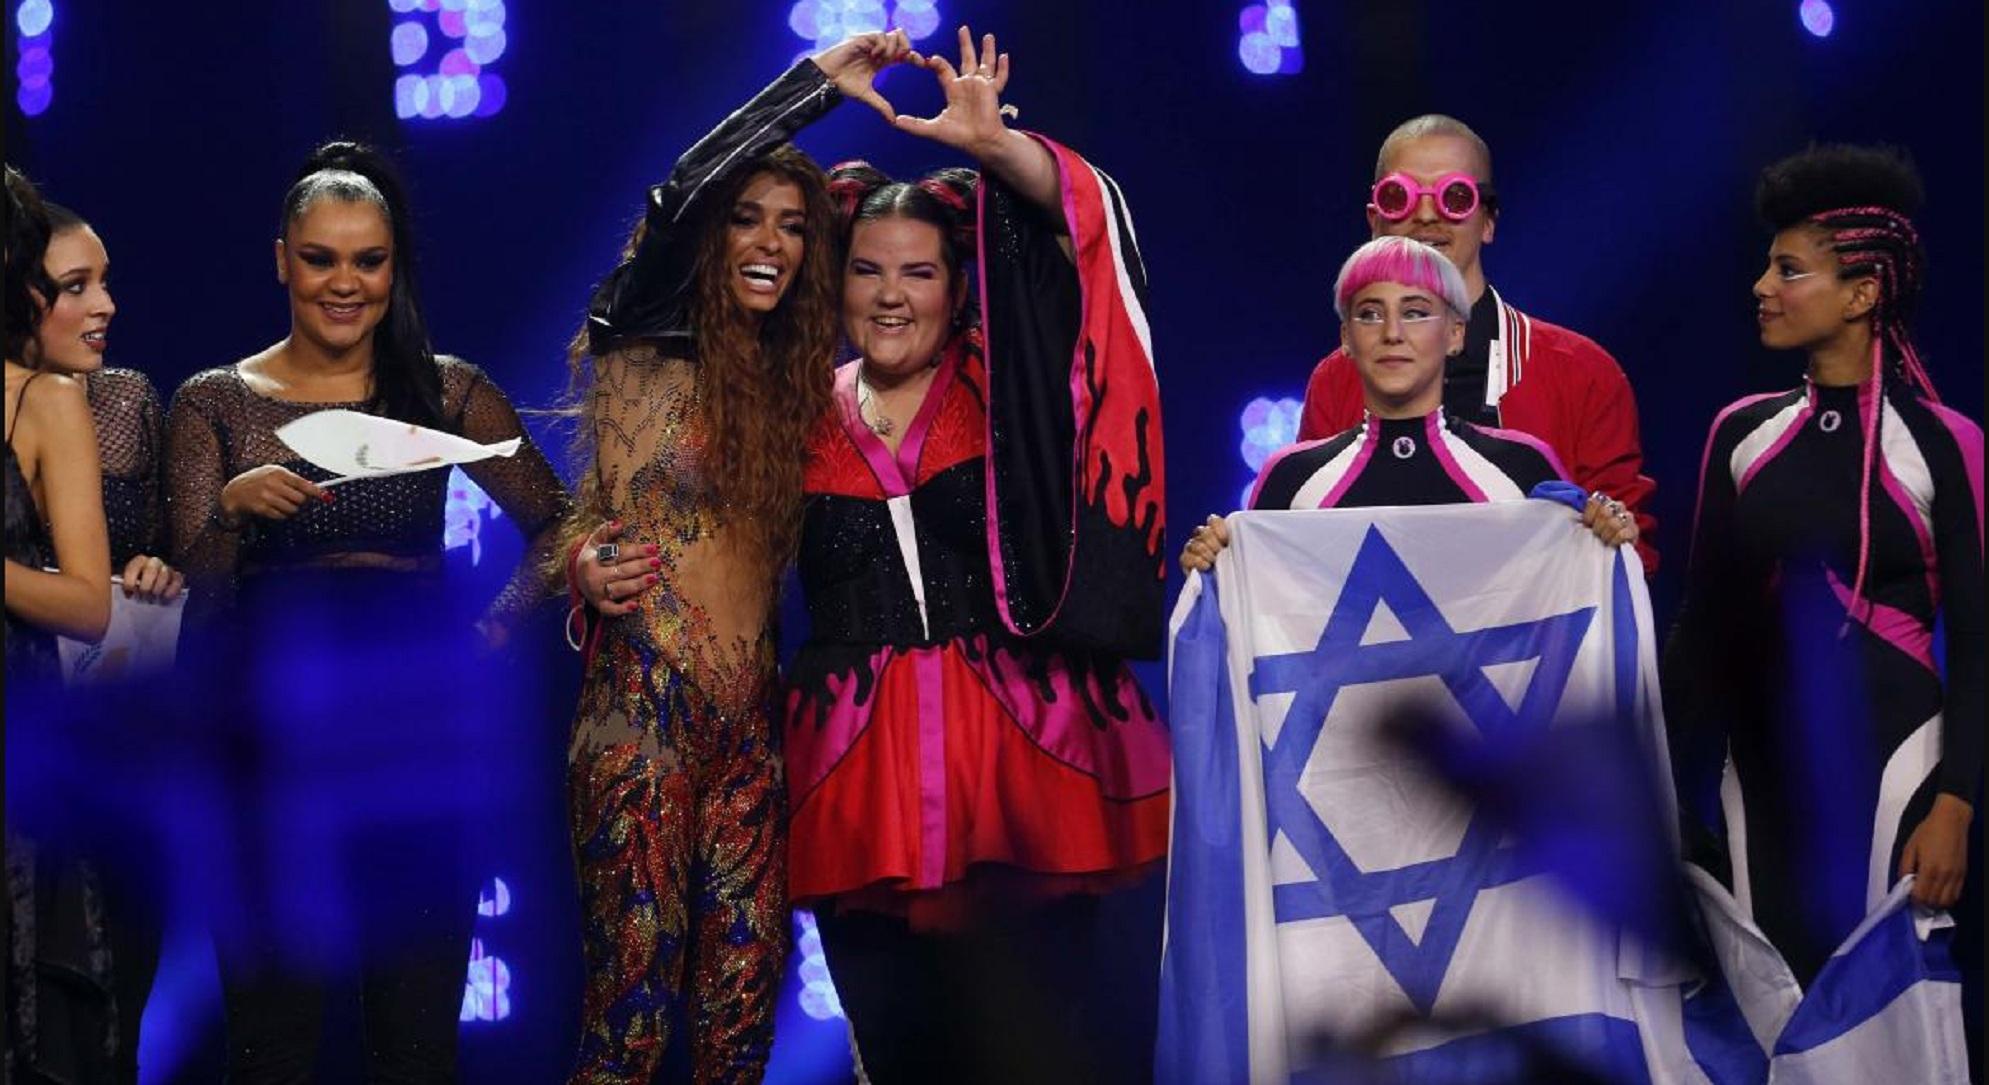 Дмитрий Певцов жестко раскритиковал «Евровидение»